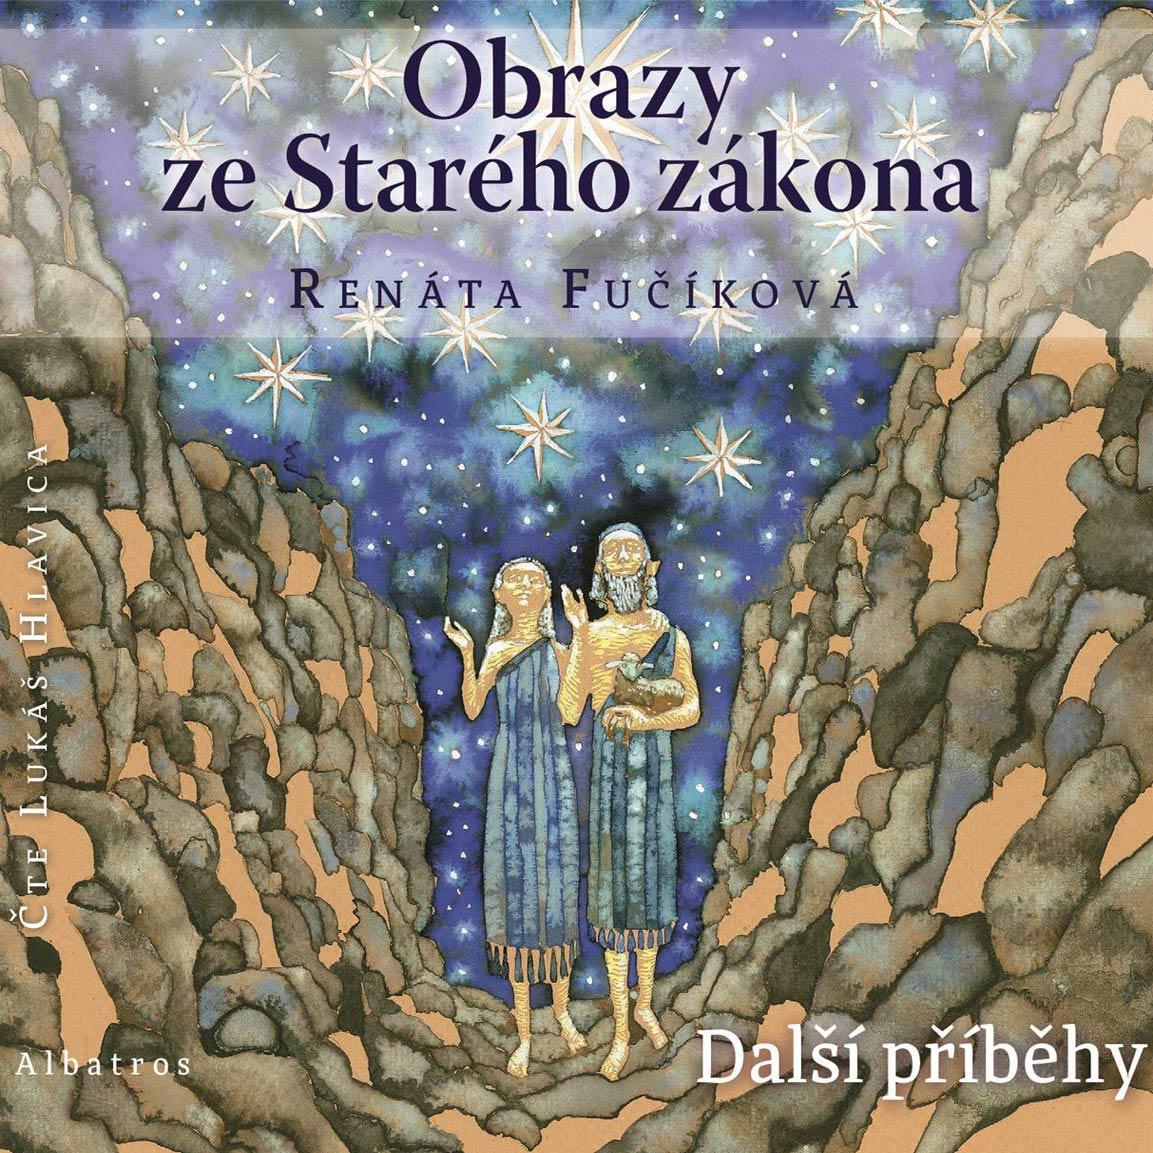 Obrazy ze Starého zákona 2 - Další příběhy